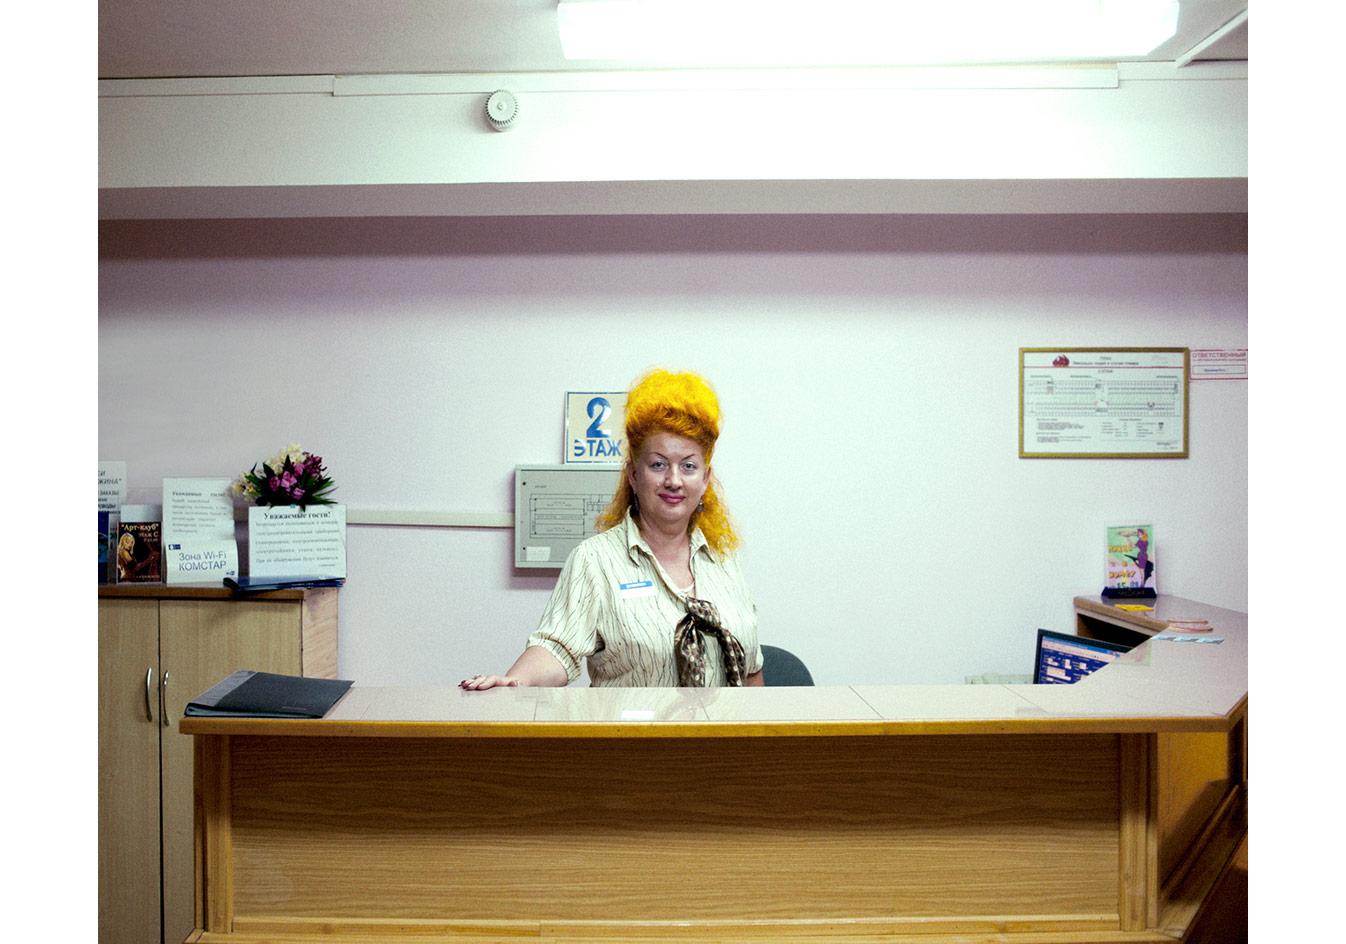 Zhemchuzhina Hotel'in ikinci katındaki resepsiyonist, Soçi, Rusya © Mathias Depardon